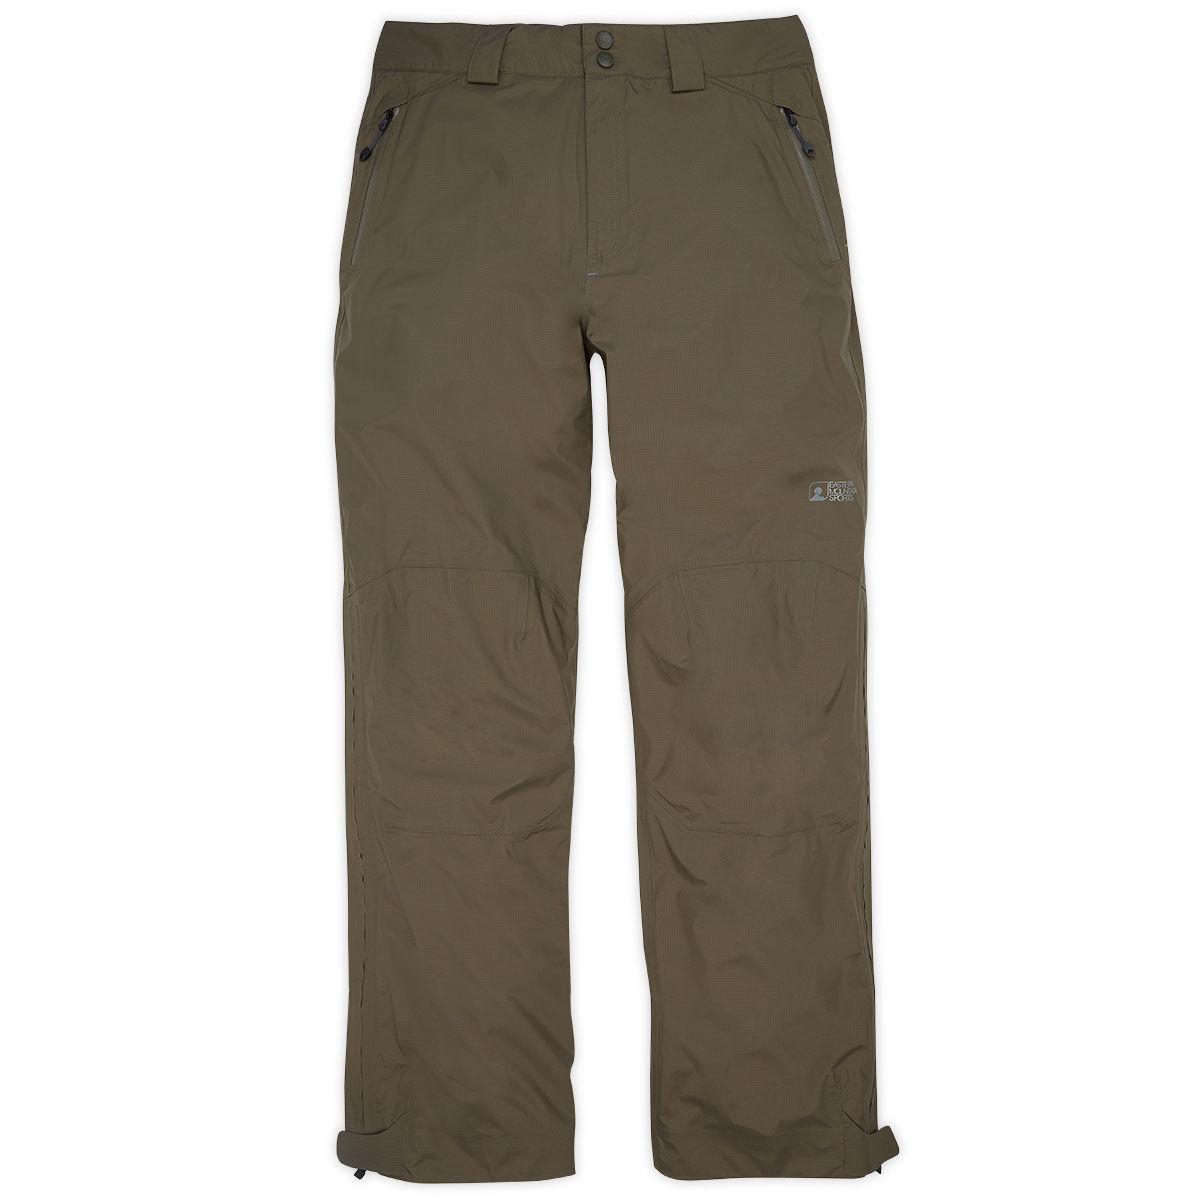 EMS Storm Front Pants